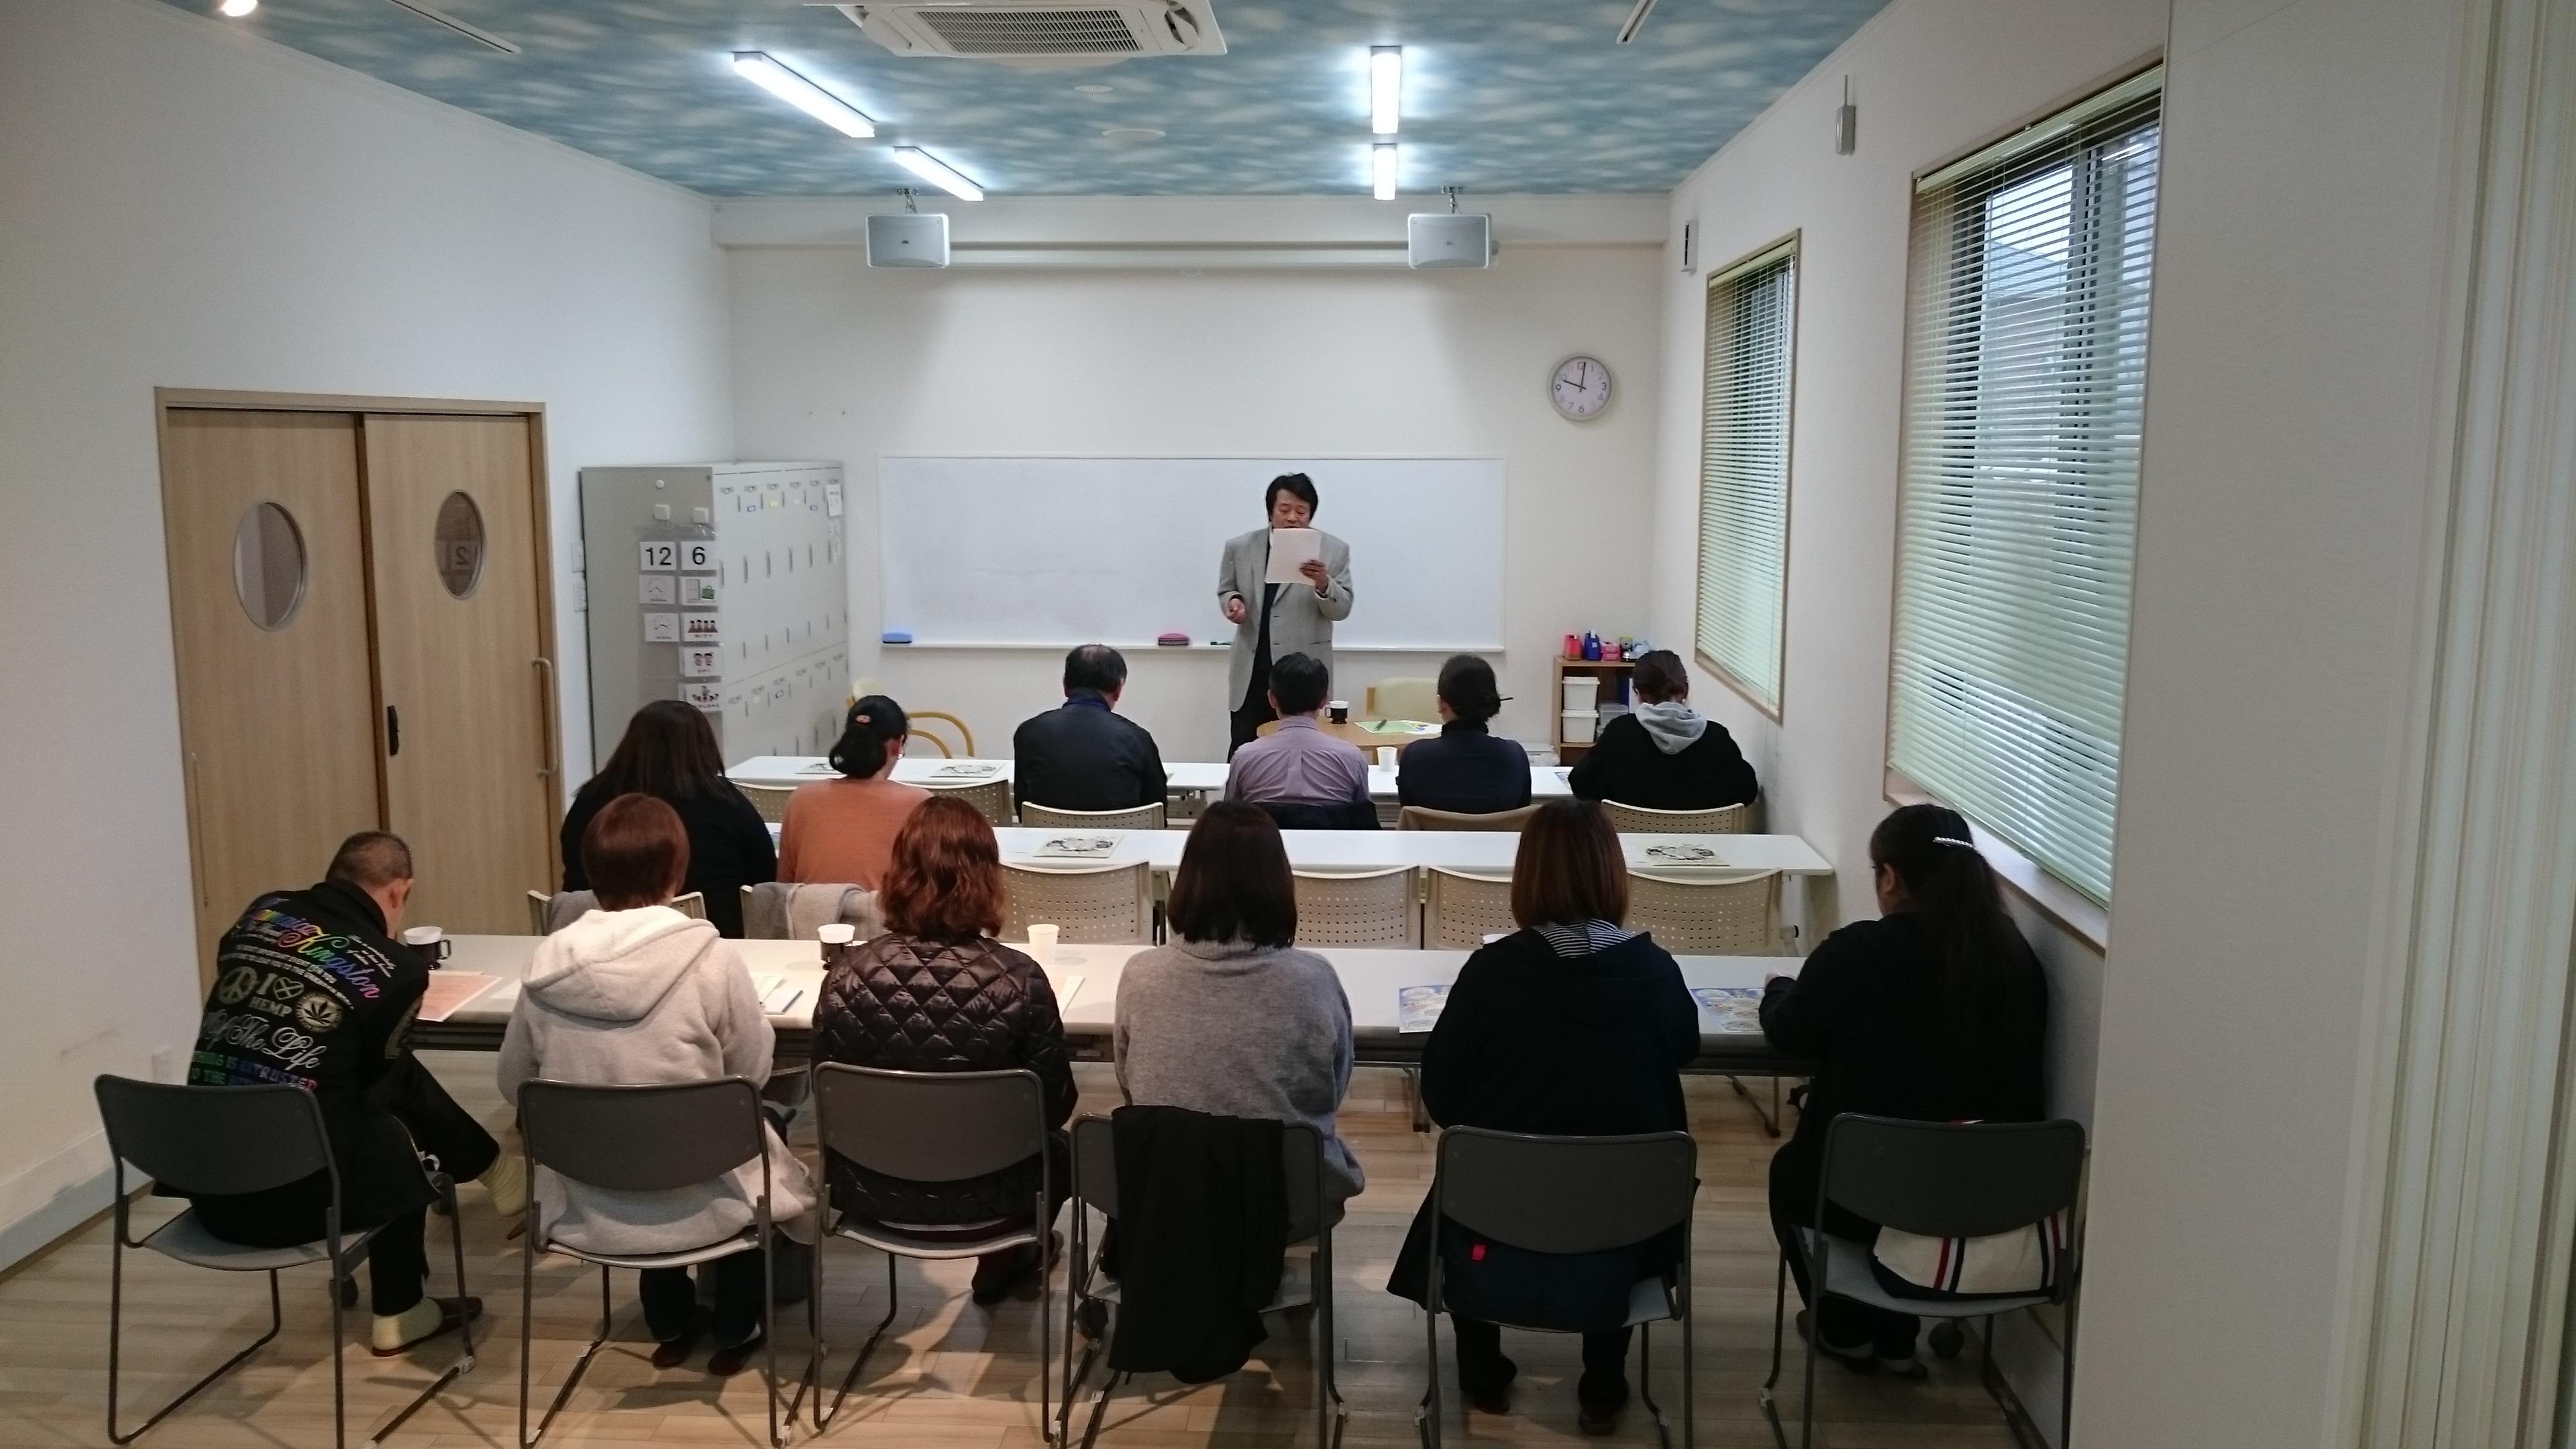 パン工場見学会をしました | 社会福祉法人ベテスタ こいしろの里(三重県 松阪市)